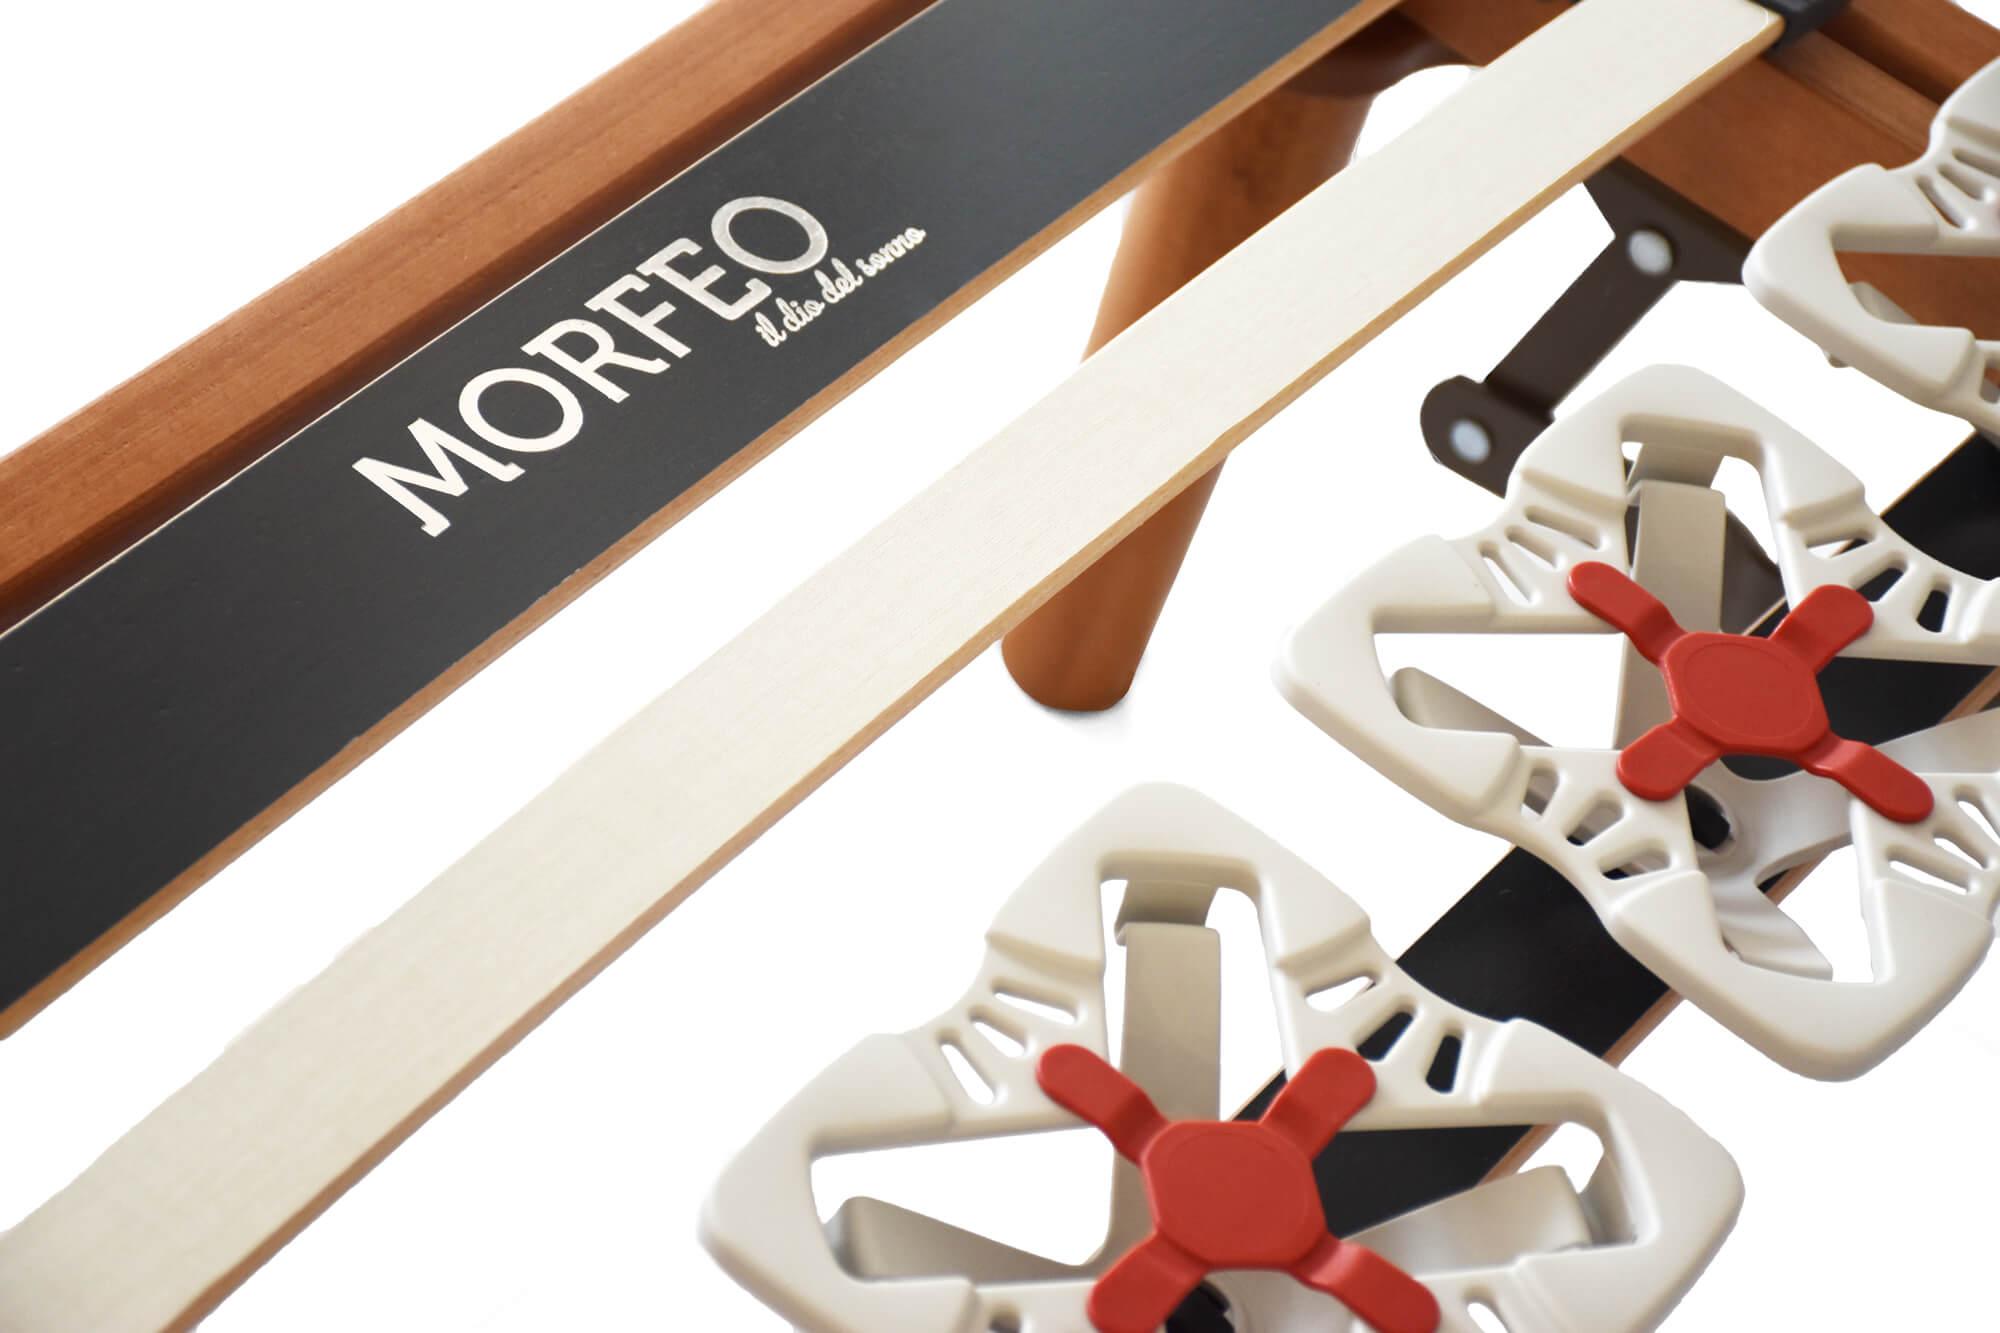 morfeo-rete-brandizzata